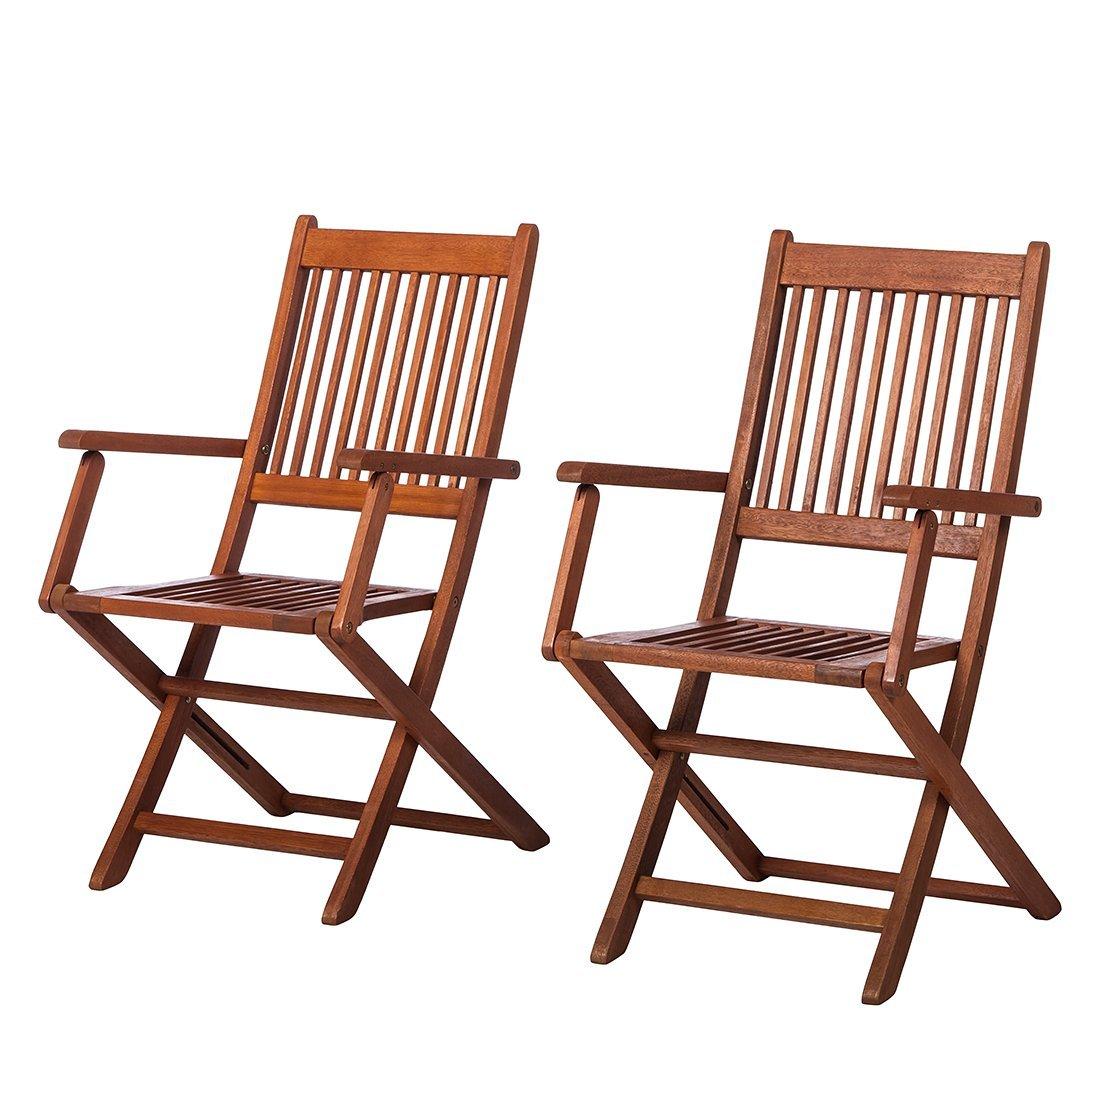 MERXX Garten-Klappsessel Rio aus FSC-Holz, 2er-Set kaufen